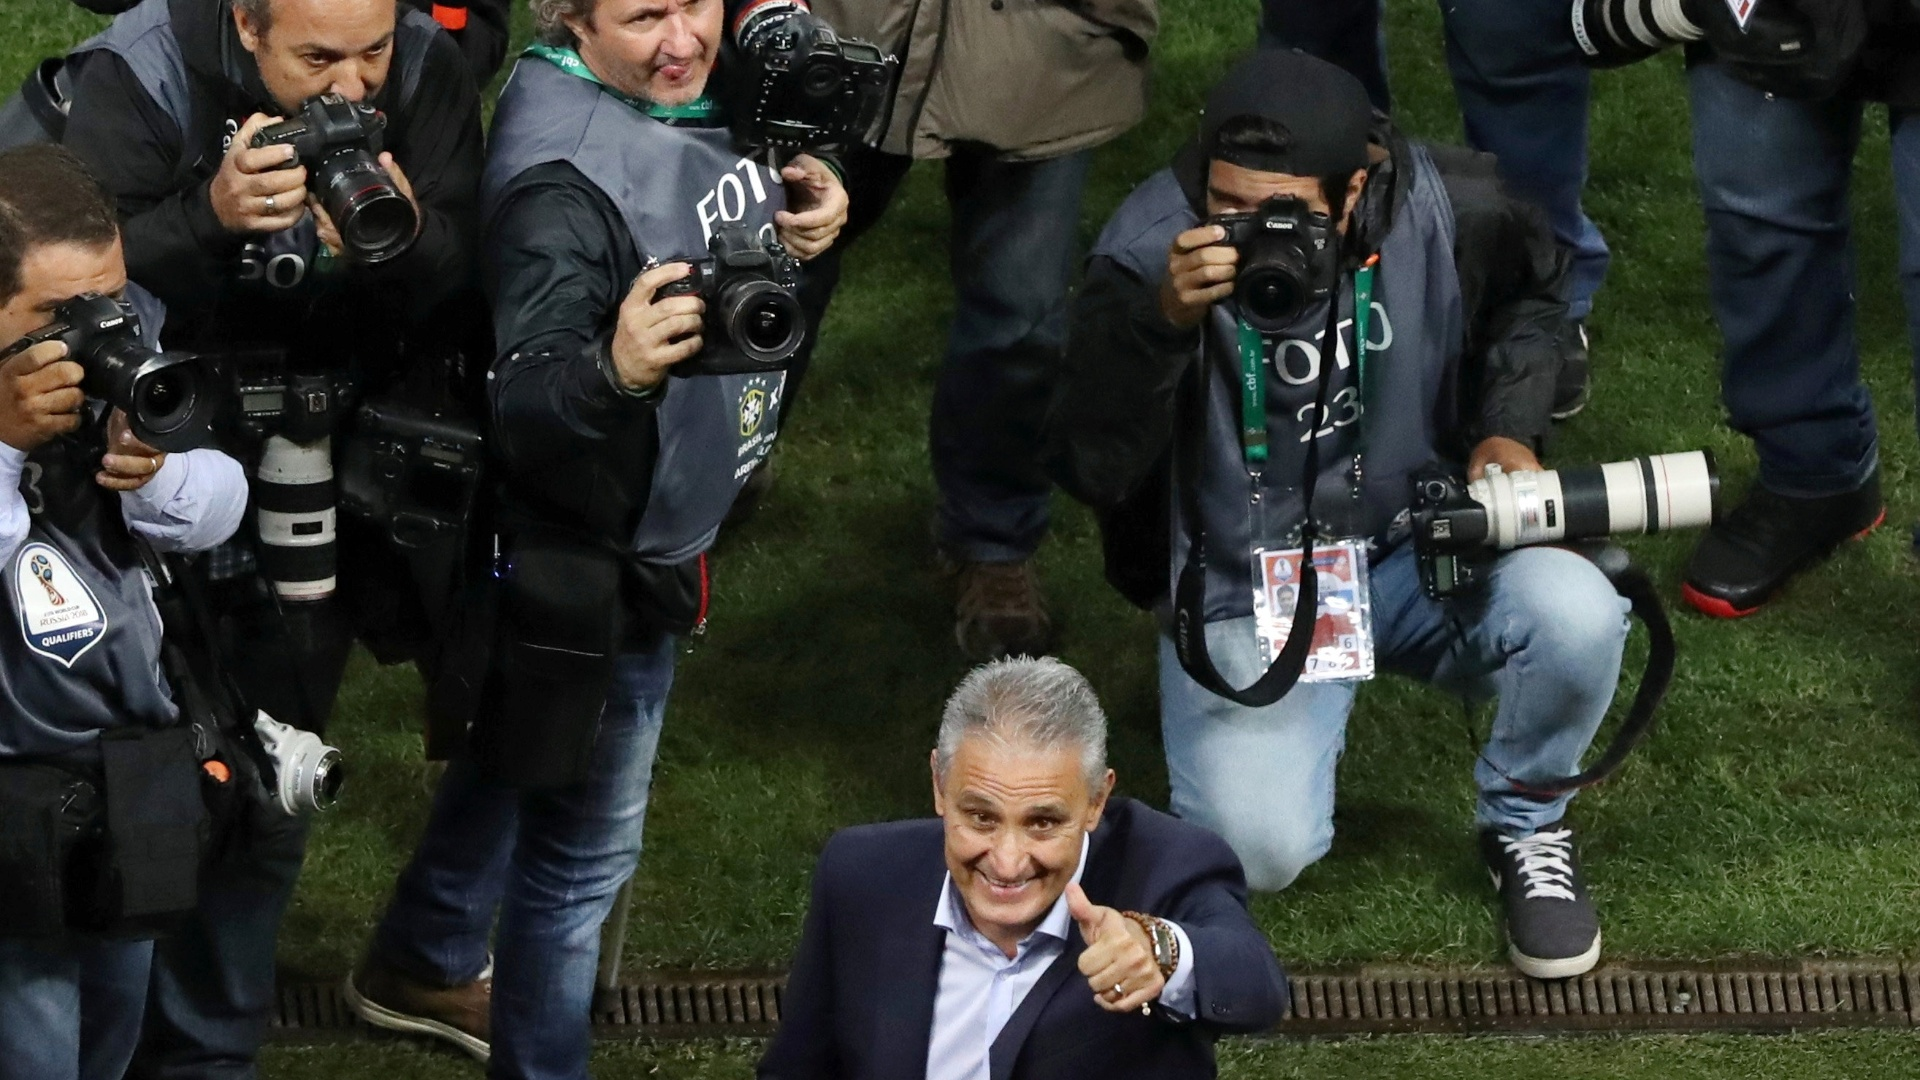 Tite agradece o apoio dos torcedores na Arena Corinthians